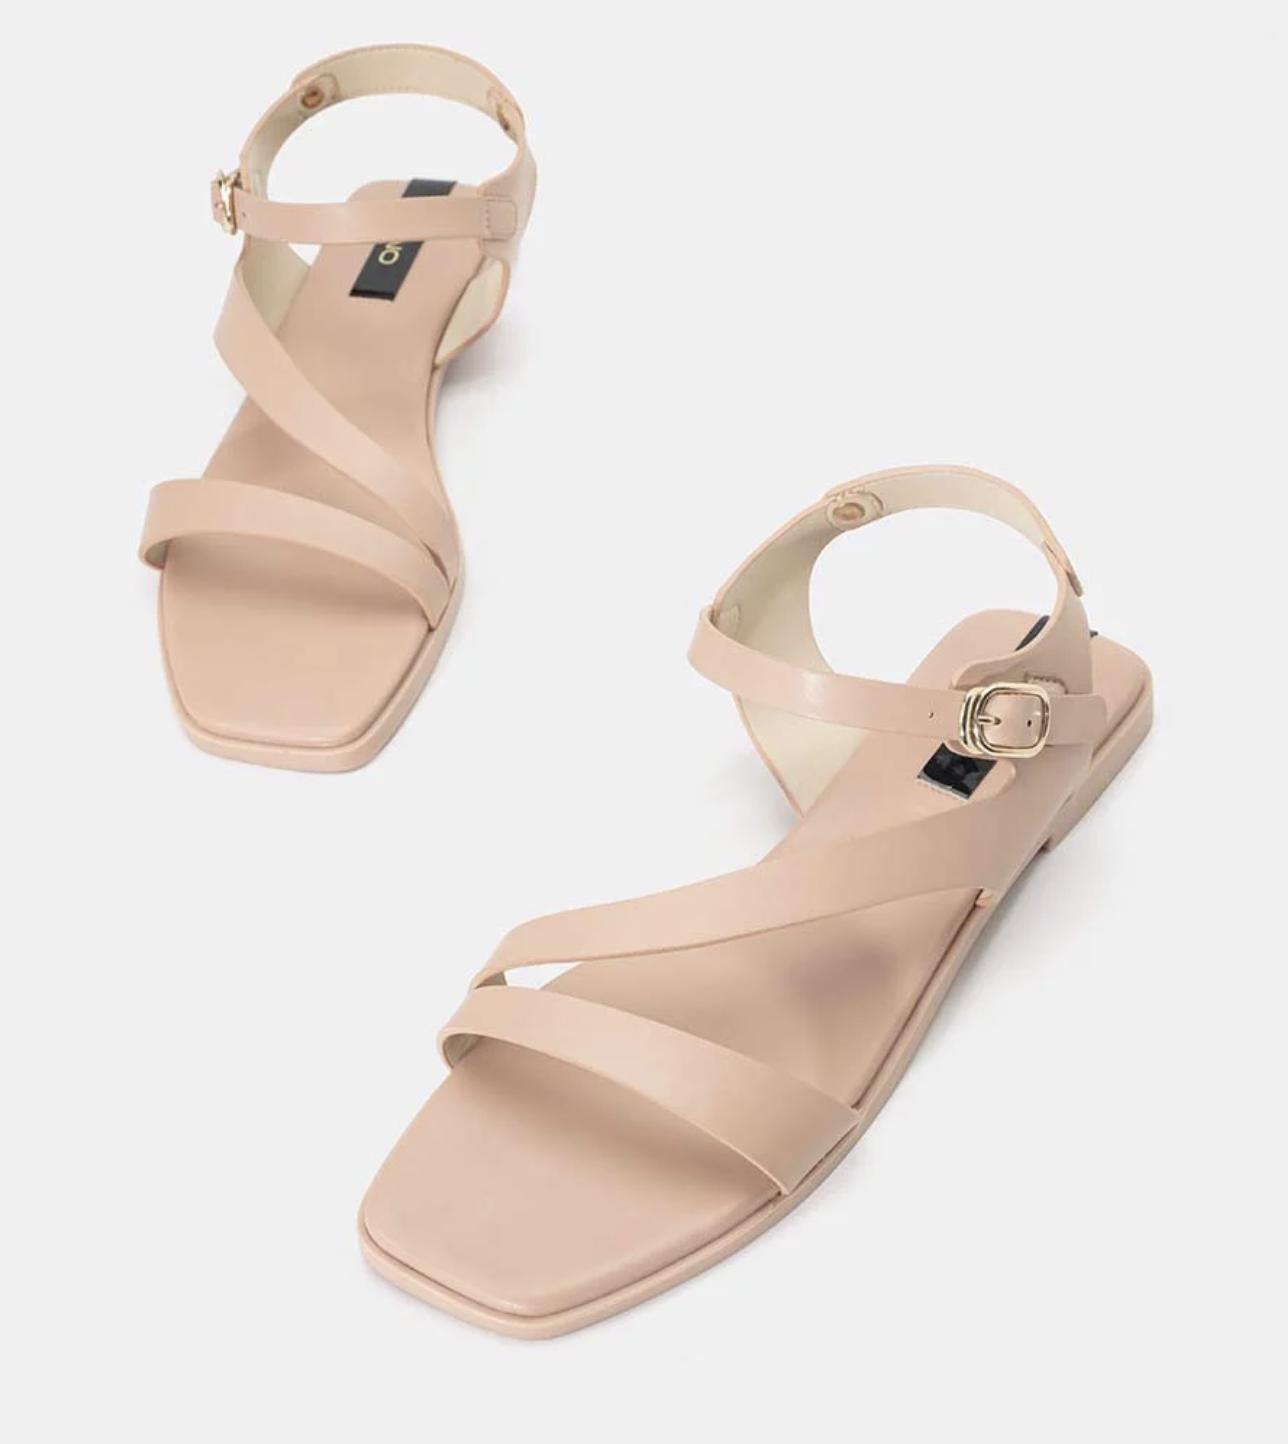 Hà Trúc khoe đôi sandals bệt cực xinh và êm chân, nhiều chị em xem xong sẽ muốn mua theo ngay - Ảnh 7.